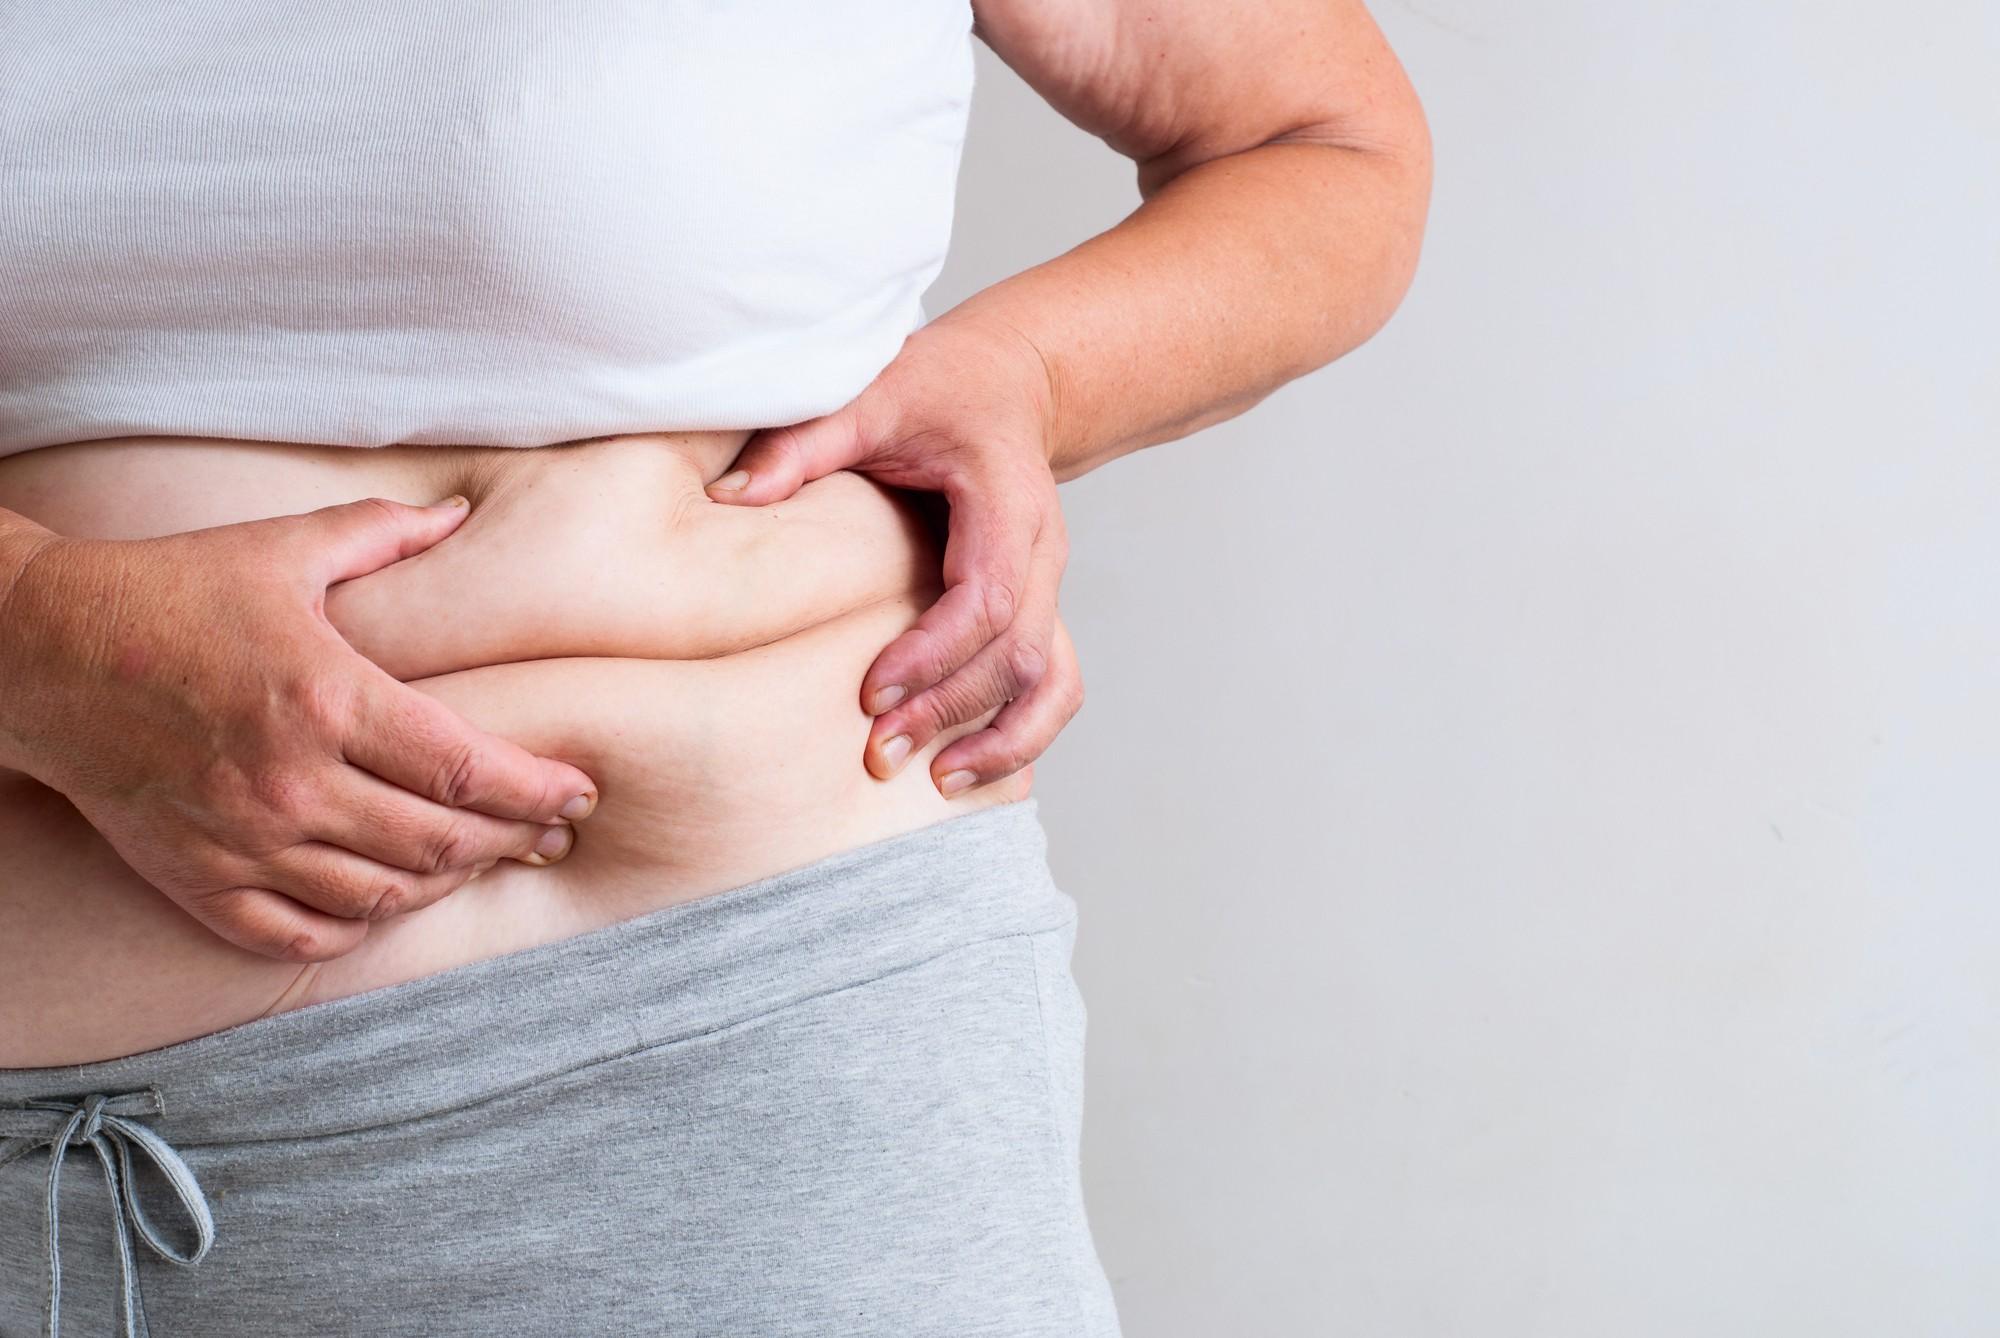 5 nguyên nhân không ngờ gây ung thư đại tràng mà nhiều người vẫn chủ quan bỏ qua - Ảnh 3.